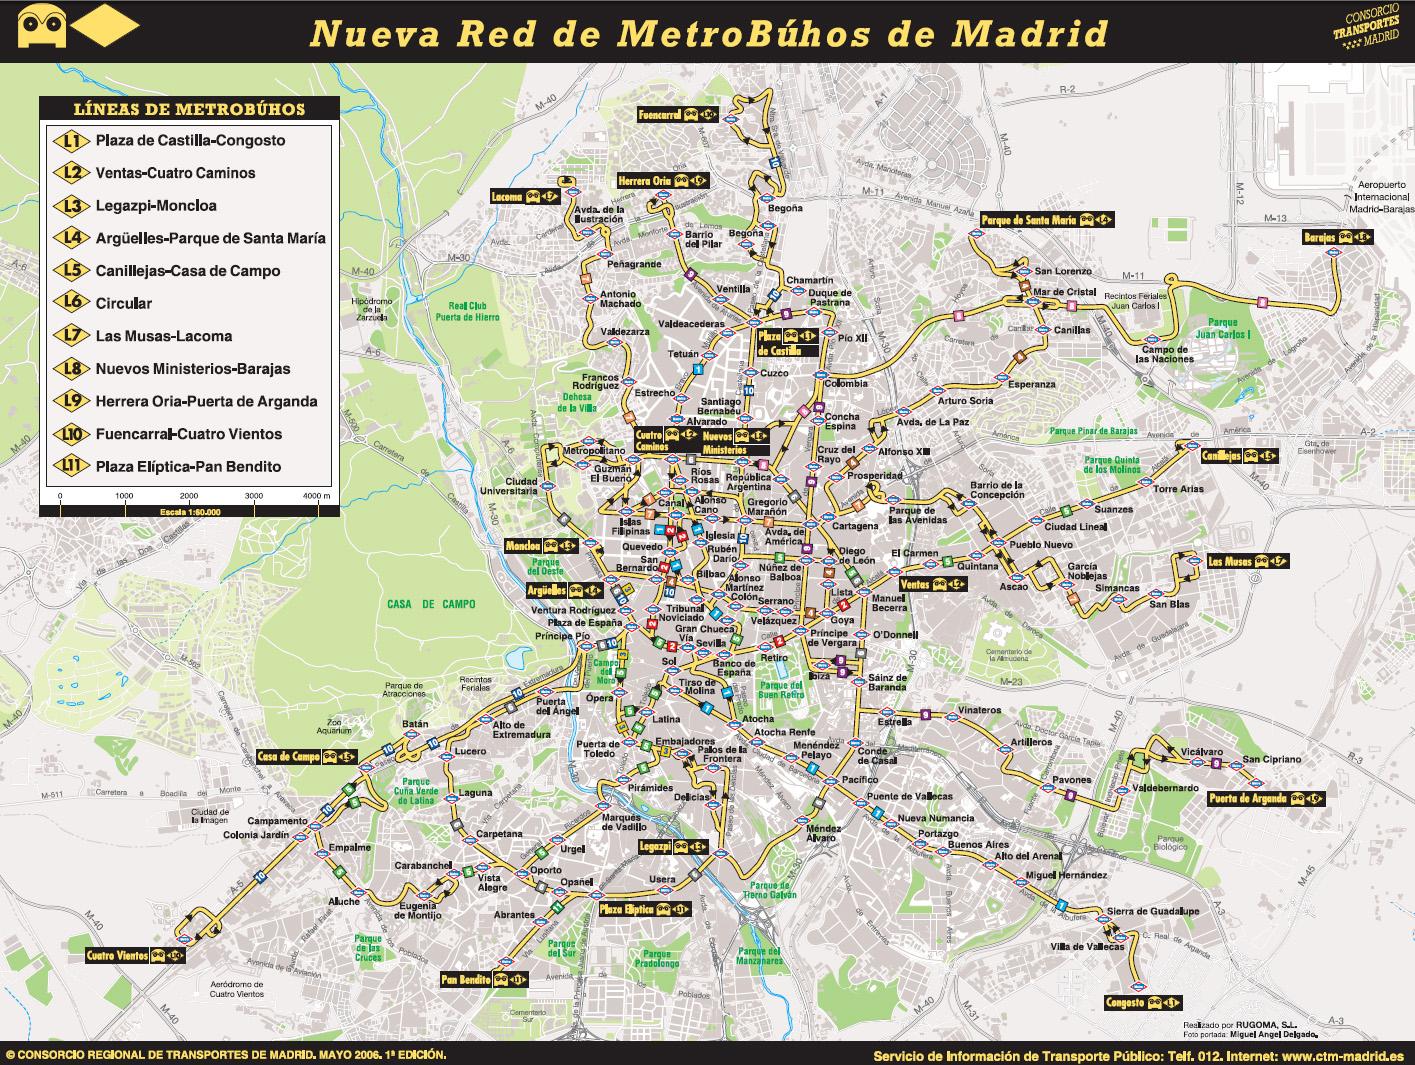 схема ночных автобусных маршрутов